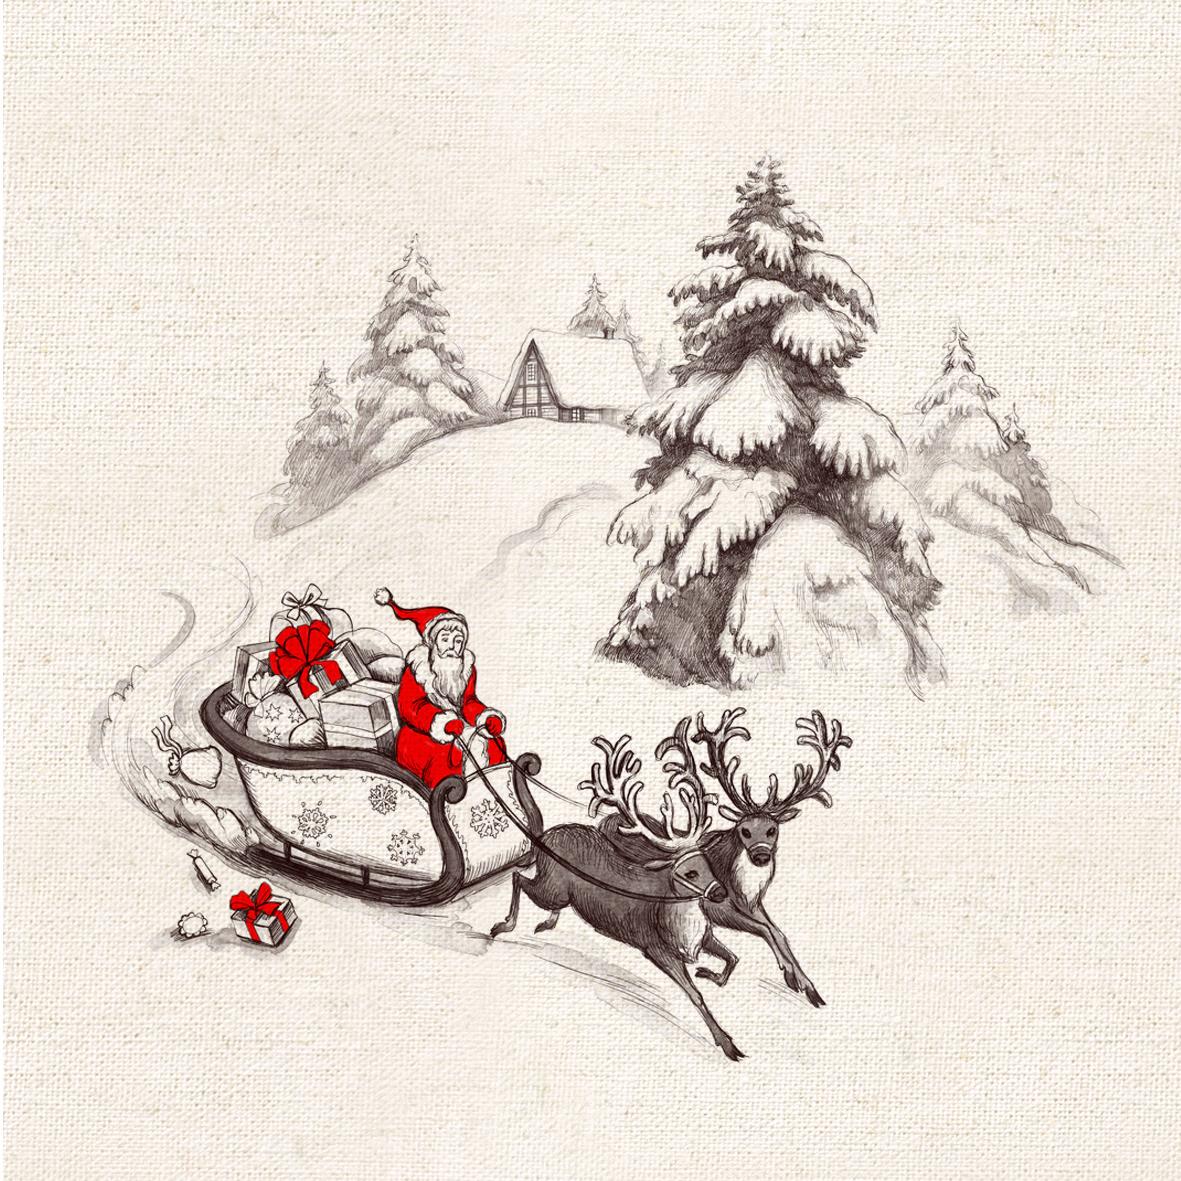 Миссис cat ткань ручной работы ткани хлопок, Лен хлопок, лен ручной окраски хлопка и льняной холст карты Рождество